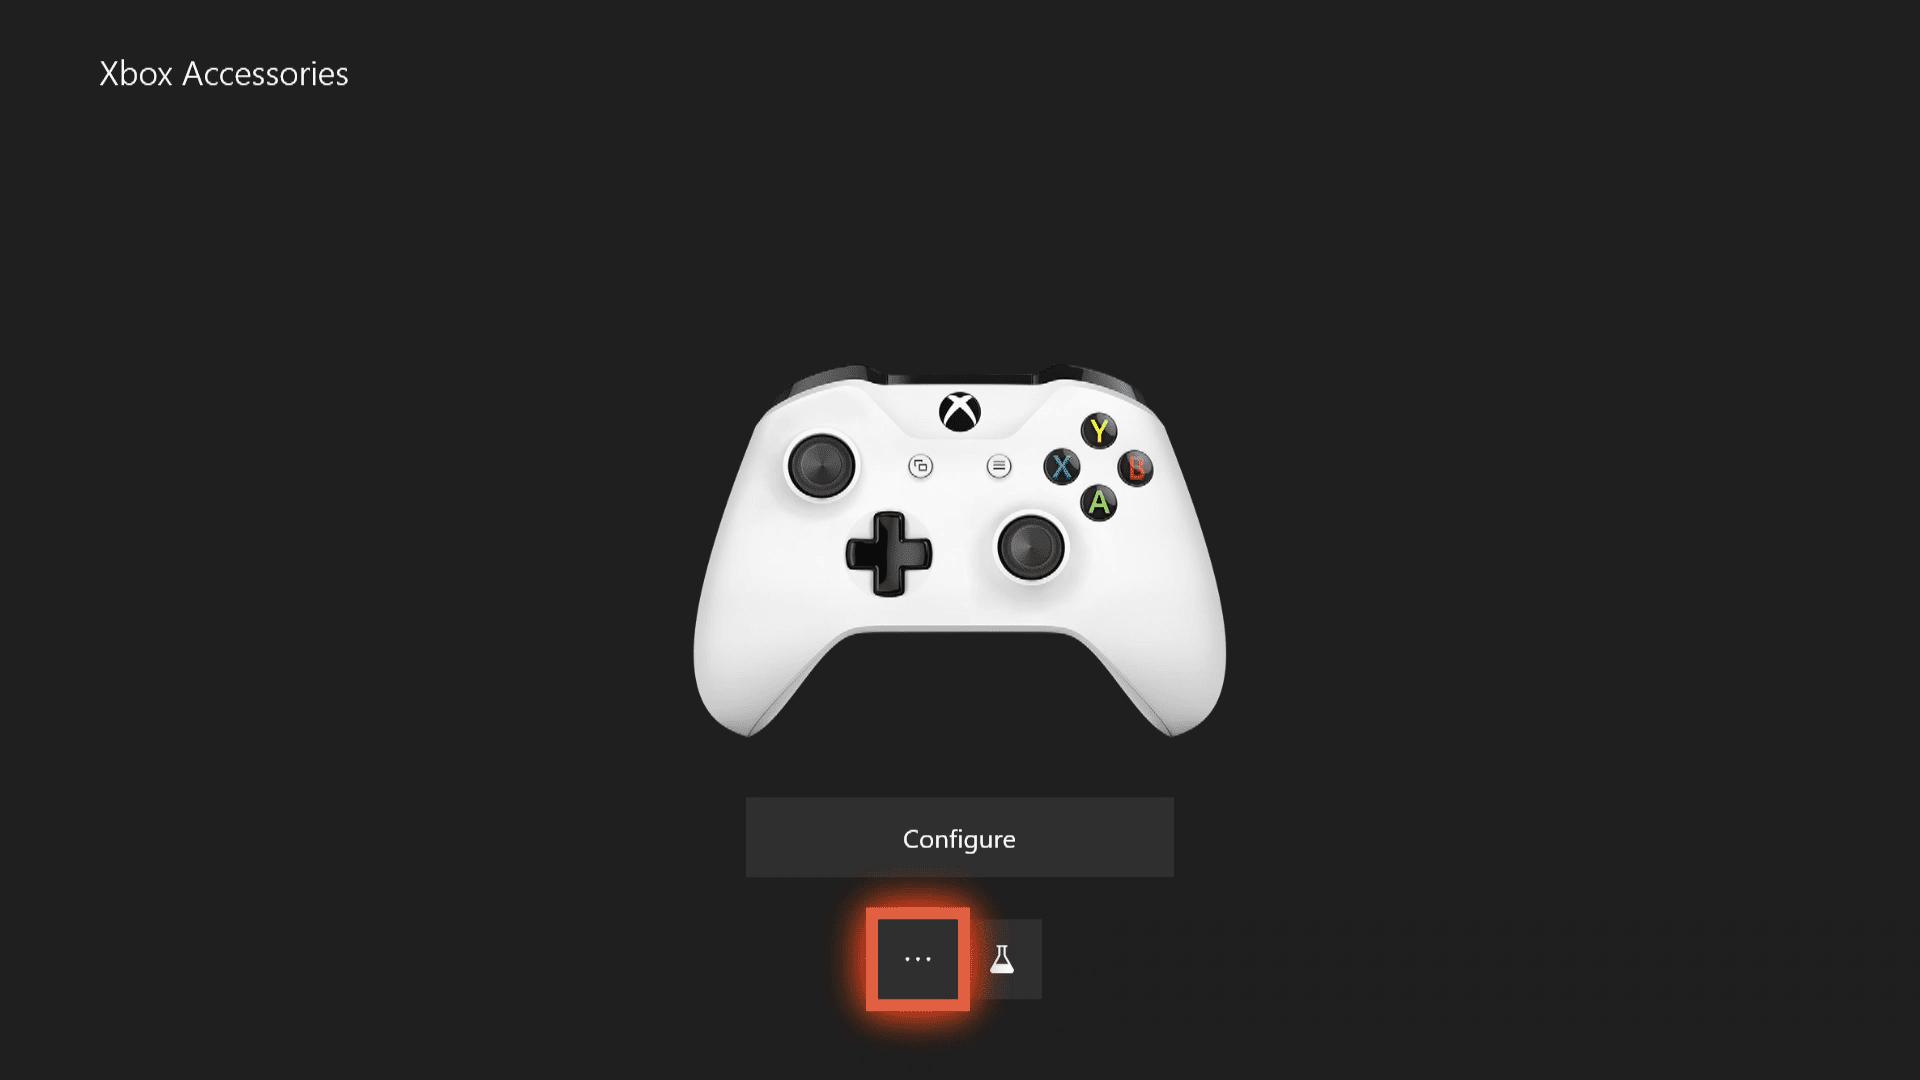 A screenshot of the Xbox One accessories menu.